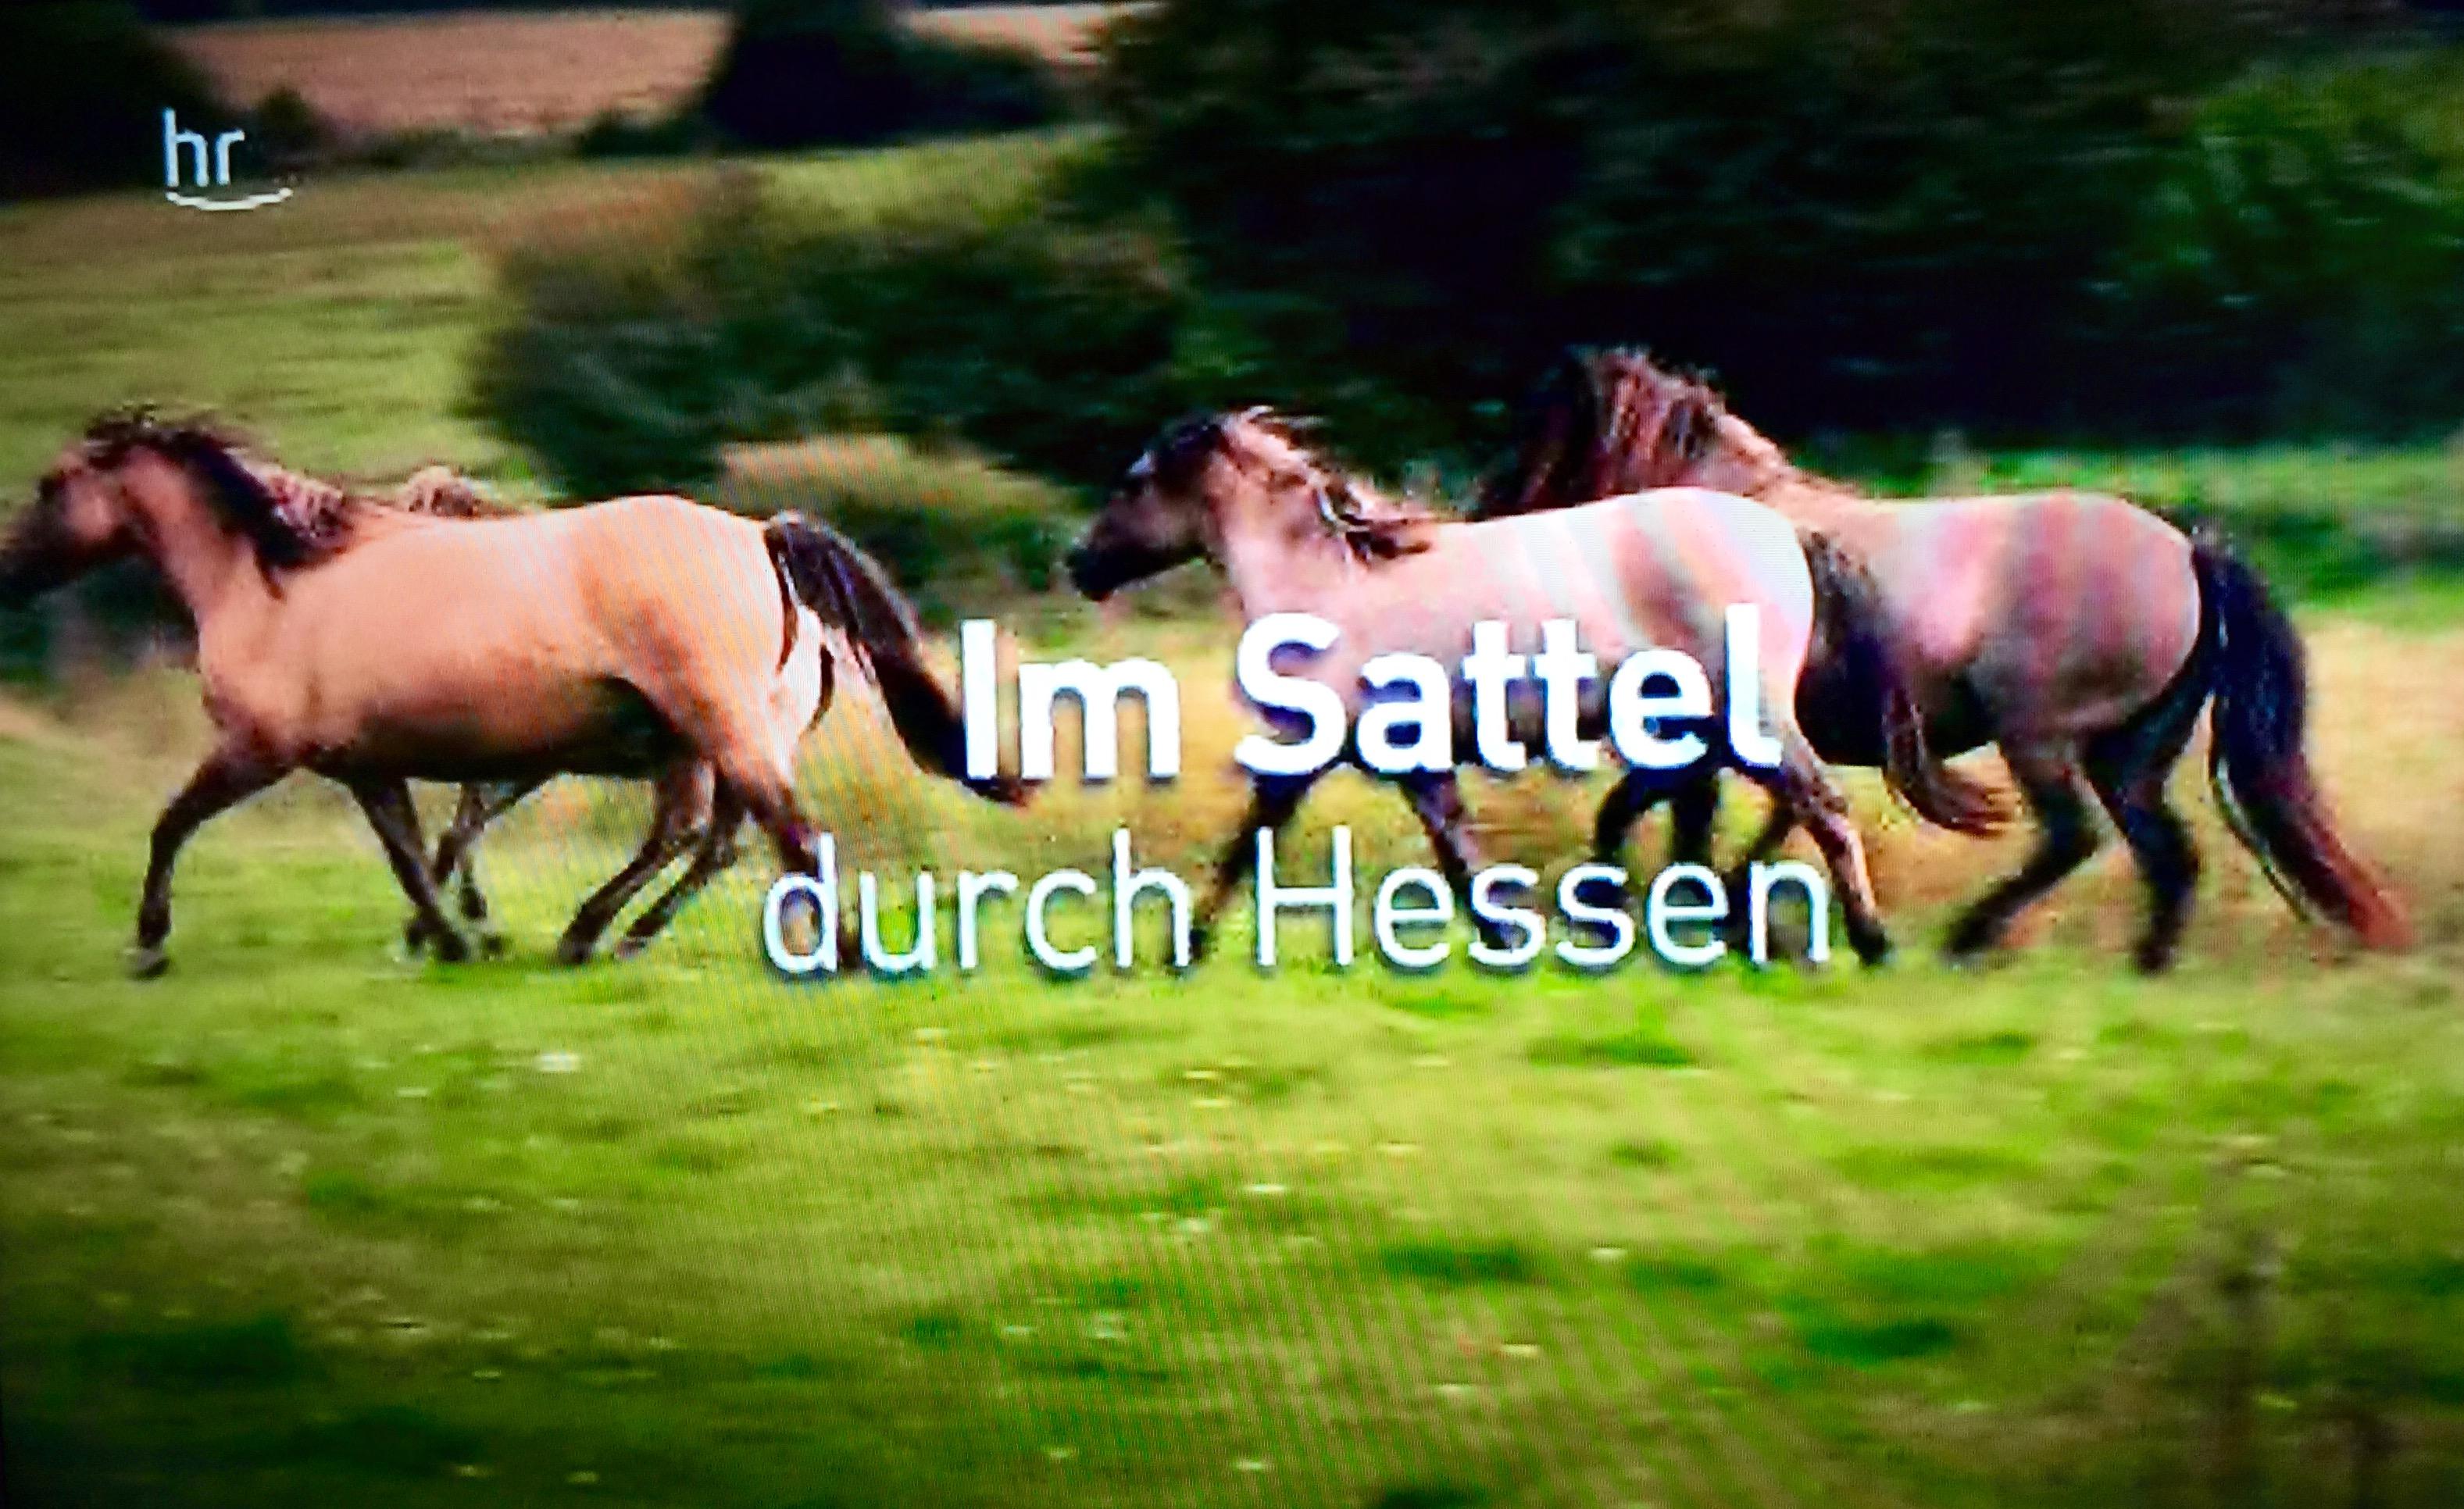 Hessen Sommerküche : Medienkorrespondenz: heimat rundfunk hr: 1001 sendung die ein hesse